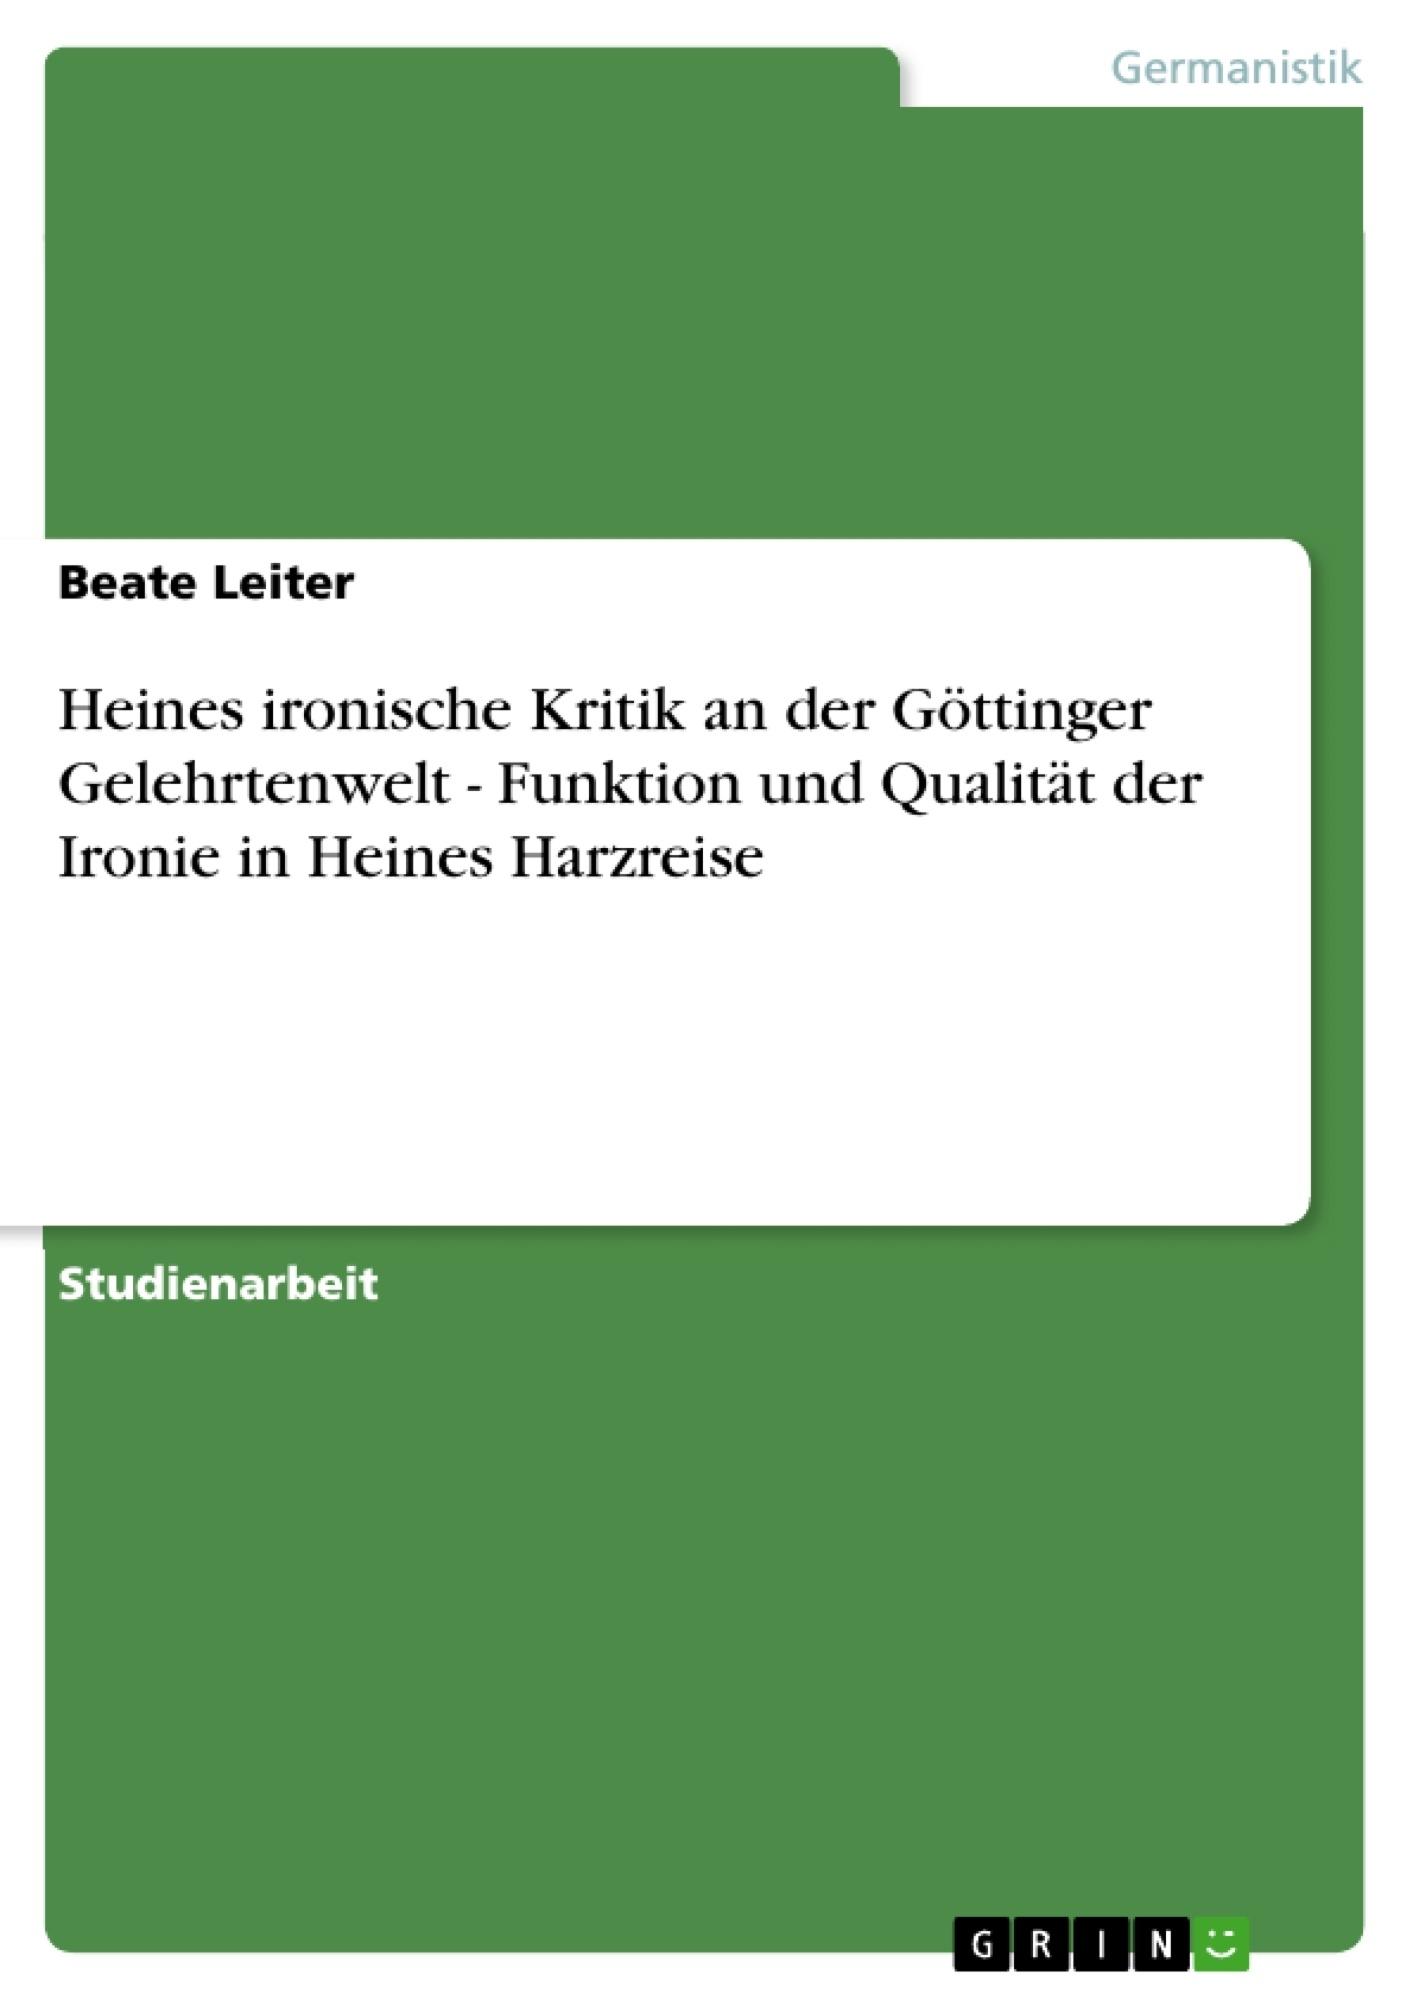 Titel: Heines ironische Kritik an der Göttinger Gelehrtenwelt - Funktion und Qualität der Ironie in Heines Harzreise